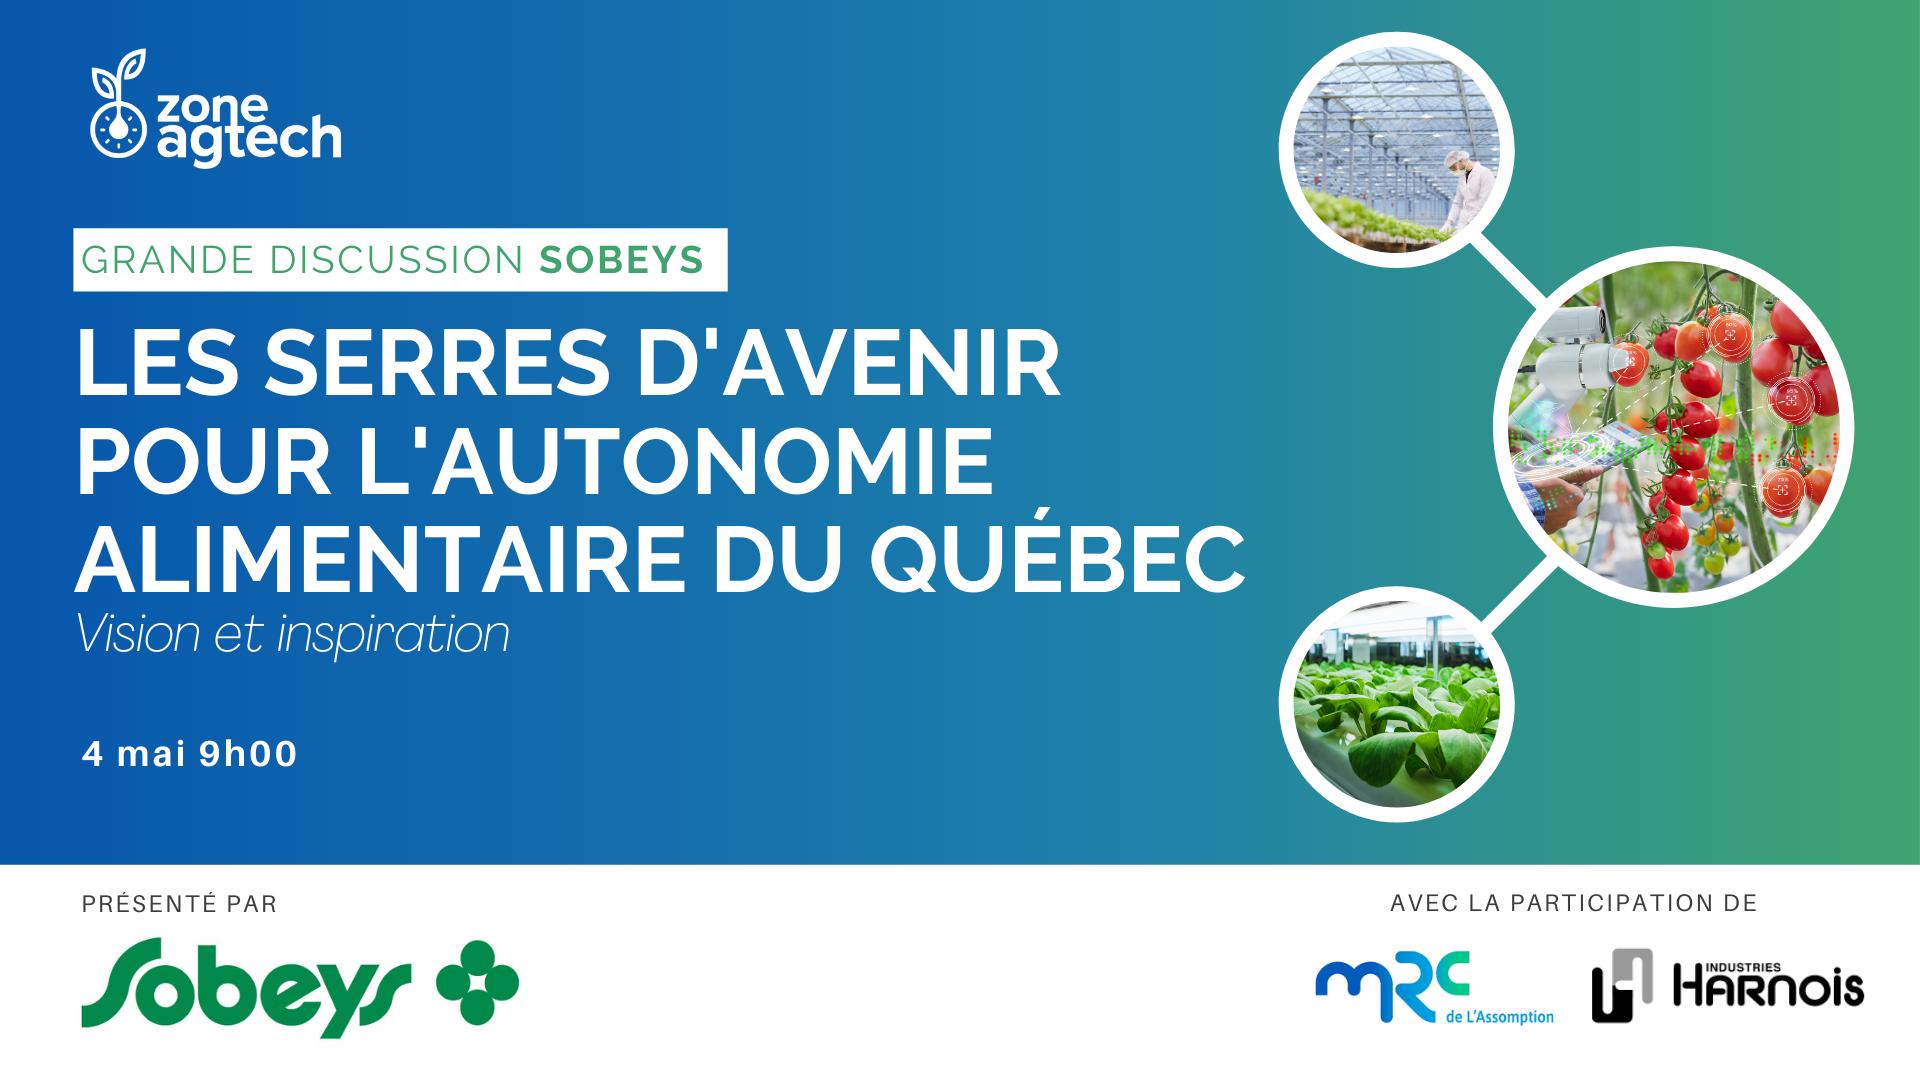 GRANDE DISCUSSION SOBEYS ǀ Les serres d'avenir pour l'autonomie alimentaire du Québec – Vision et inspiration